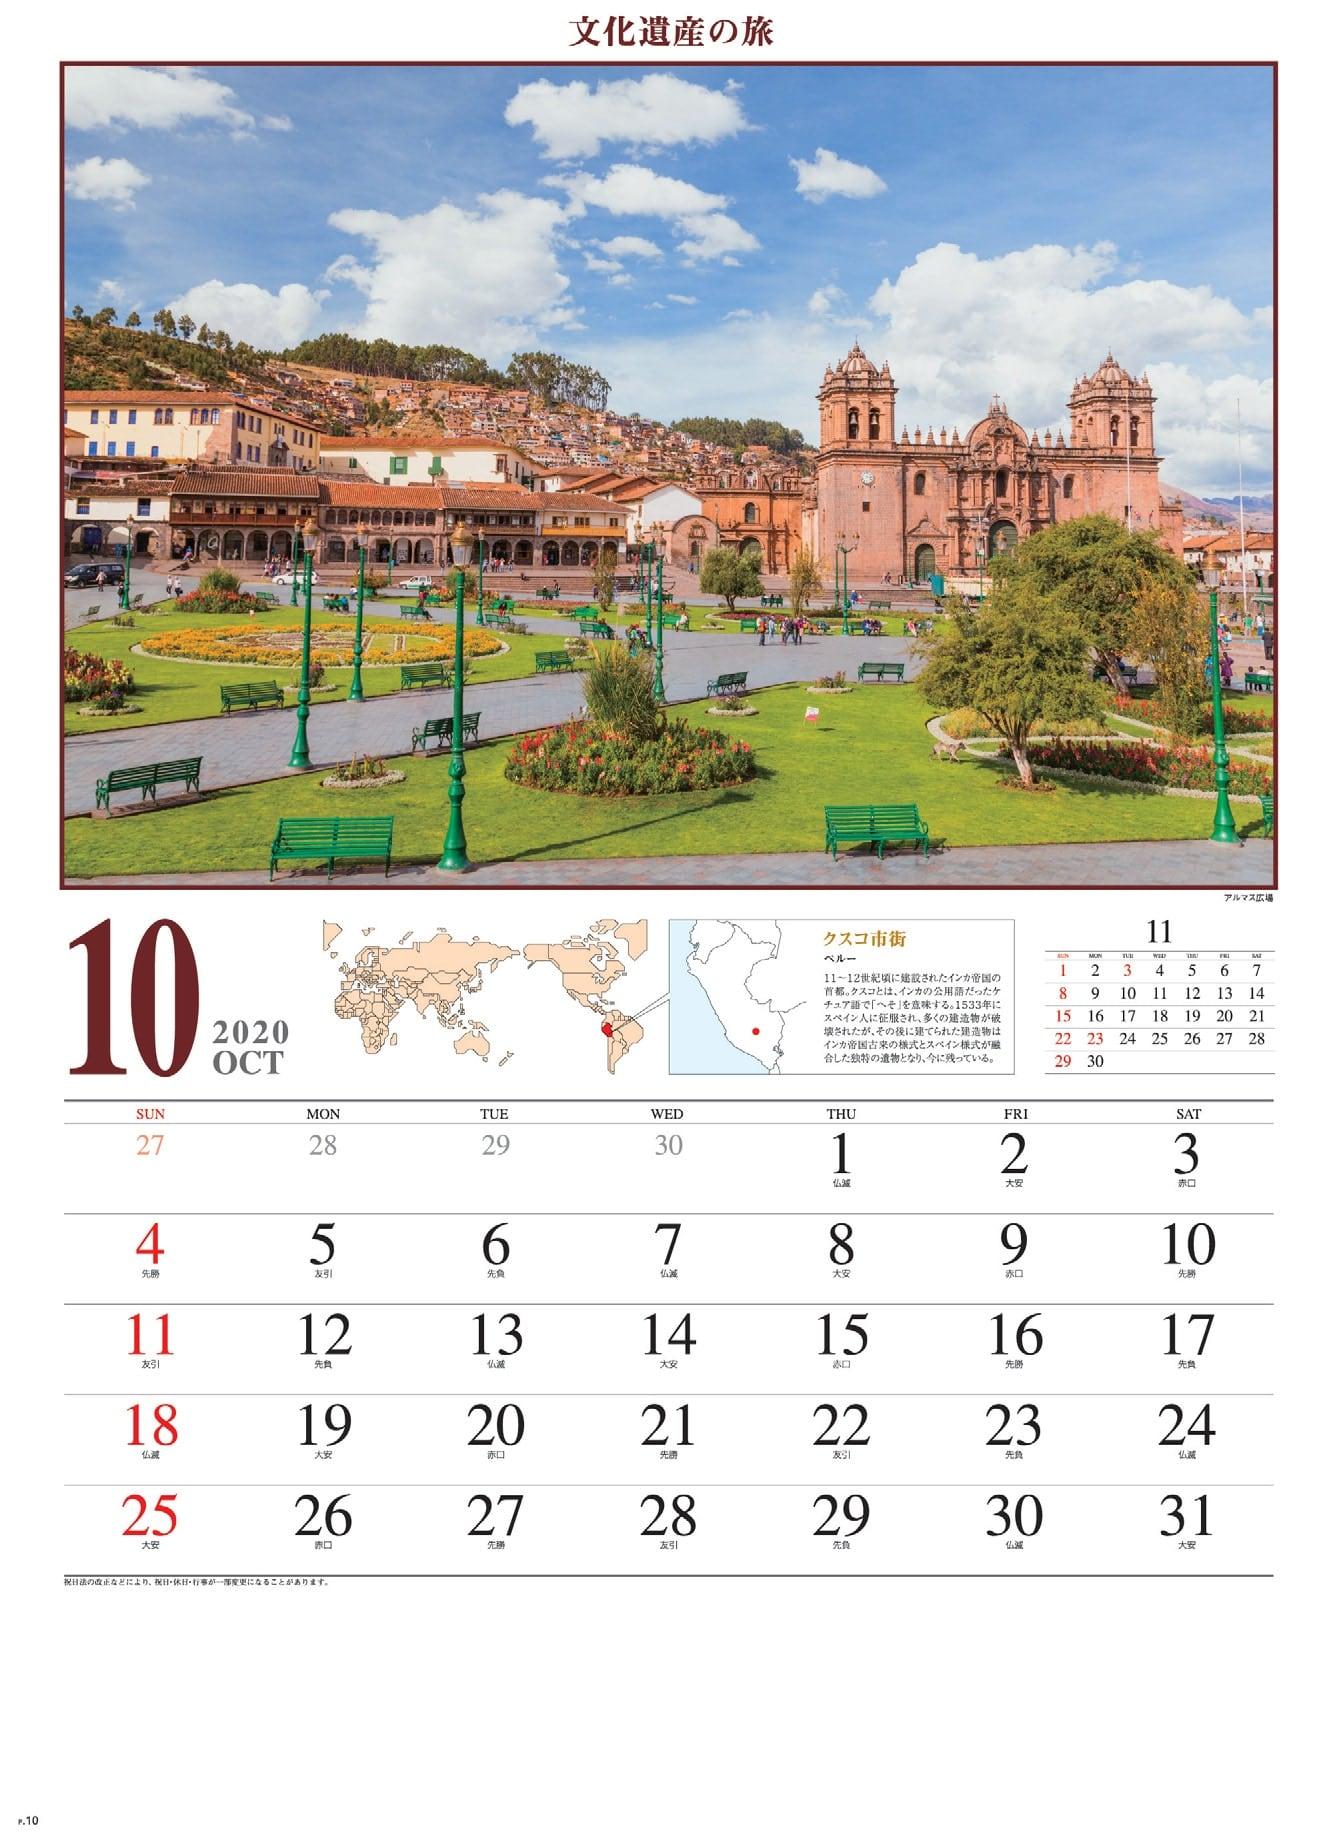 画像:アルマス広場(ペルー) 文化遺産の旅(ユネスコ世界遺産) 2020年カレンダー